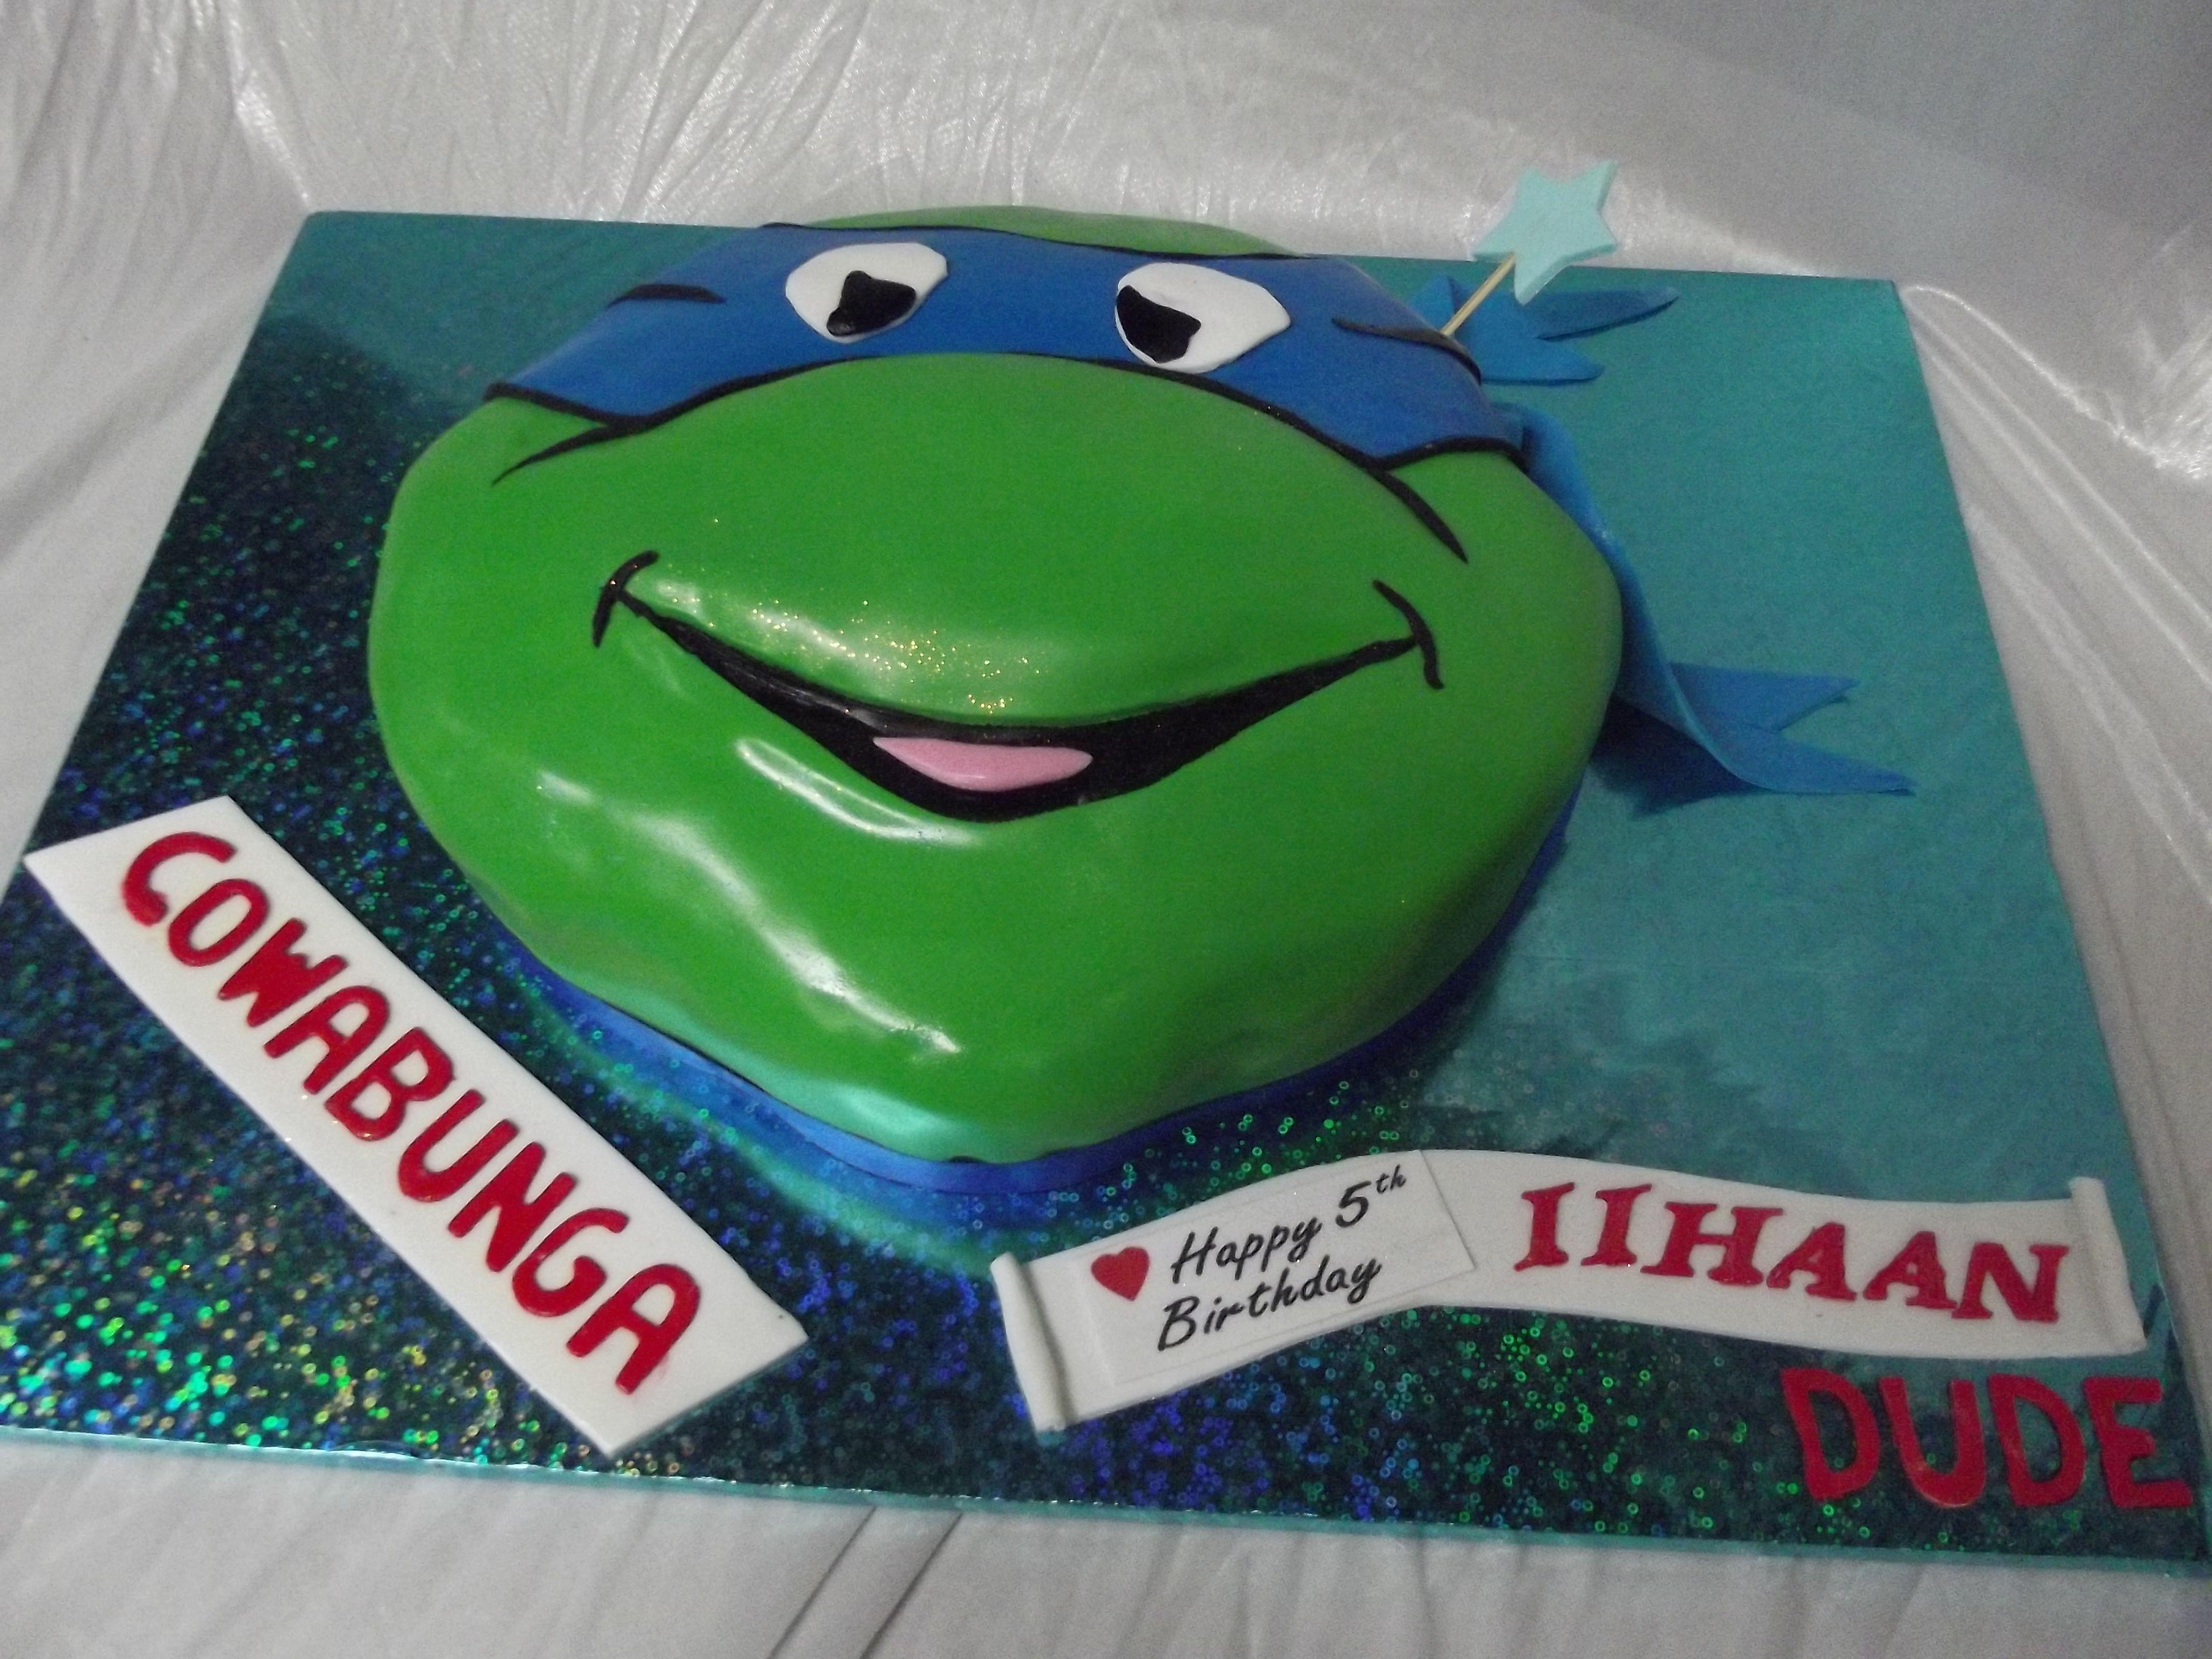 NINJA TURTLE BIRTHDAY CAKE wwwfrescofoodsconz frescowooshconz